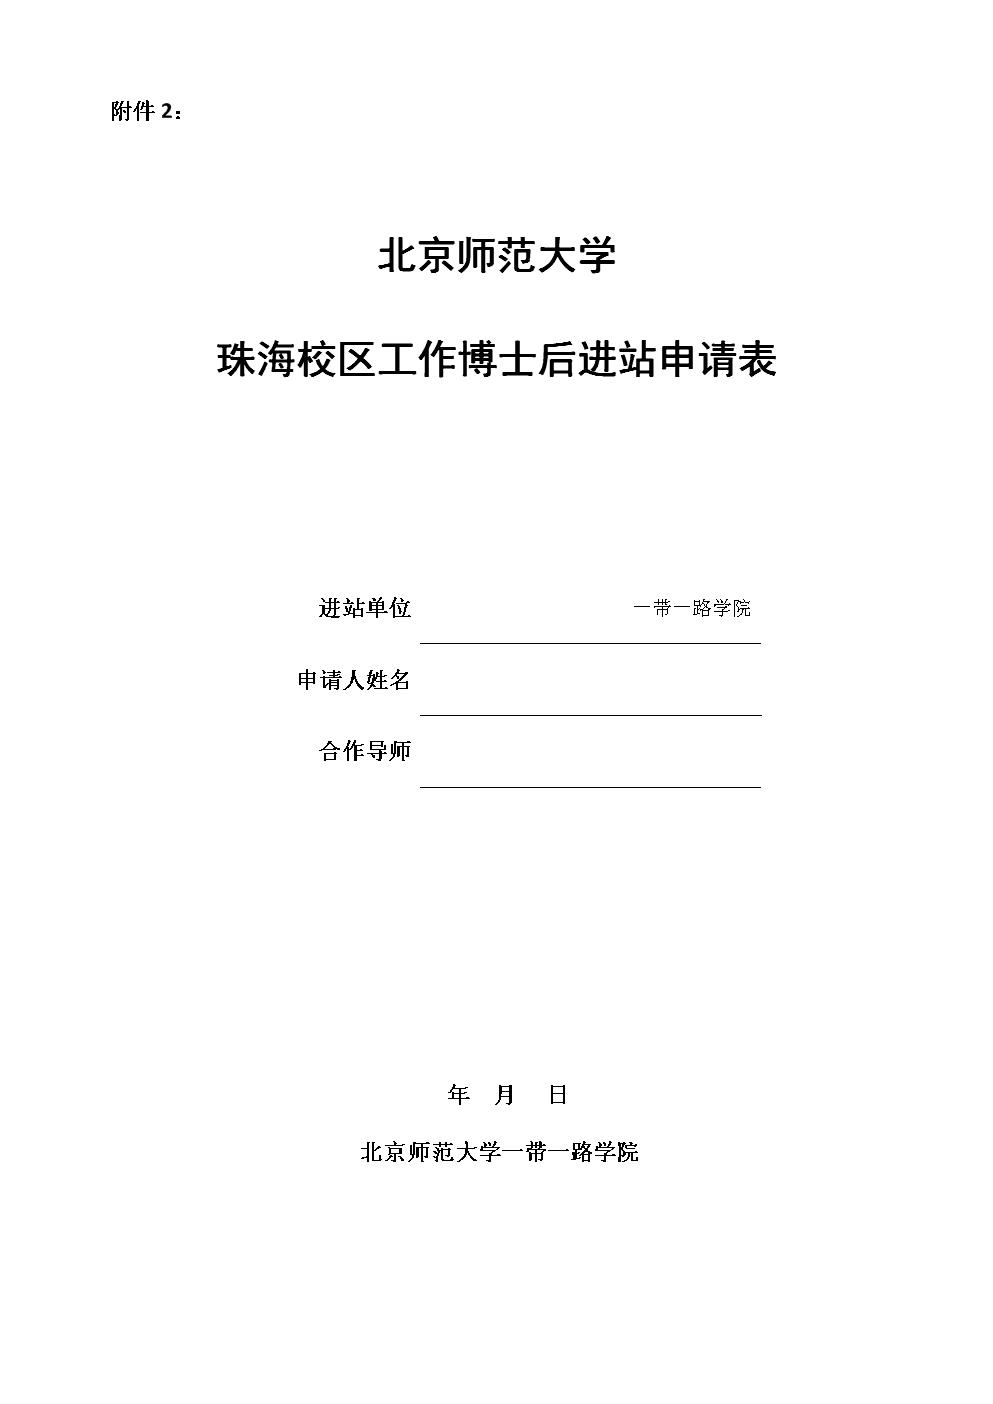 北京师范大学录用应届毕业生、出站博士后人员推荐表.doc